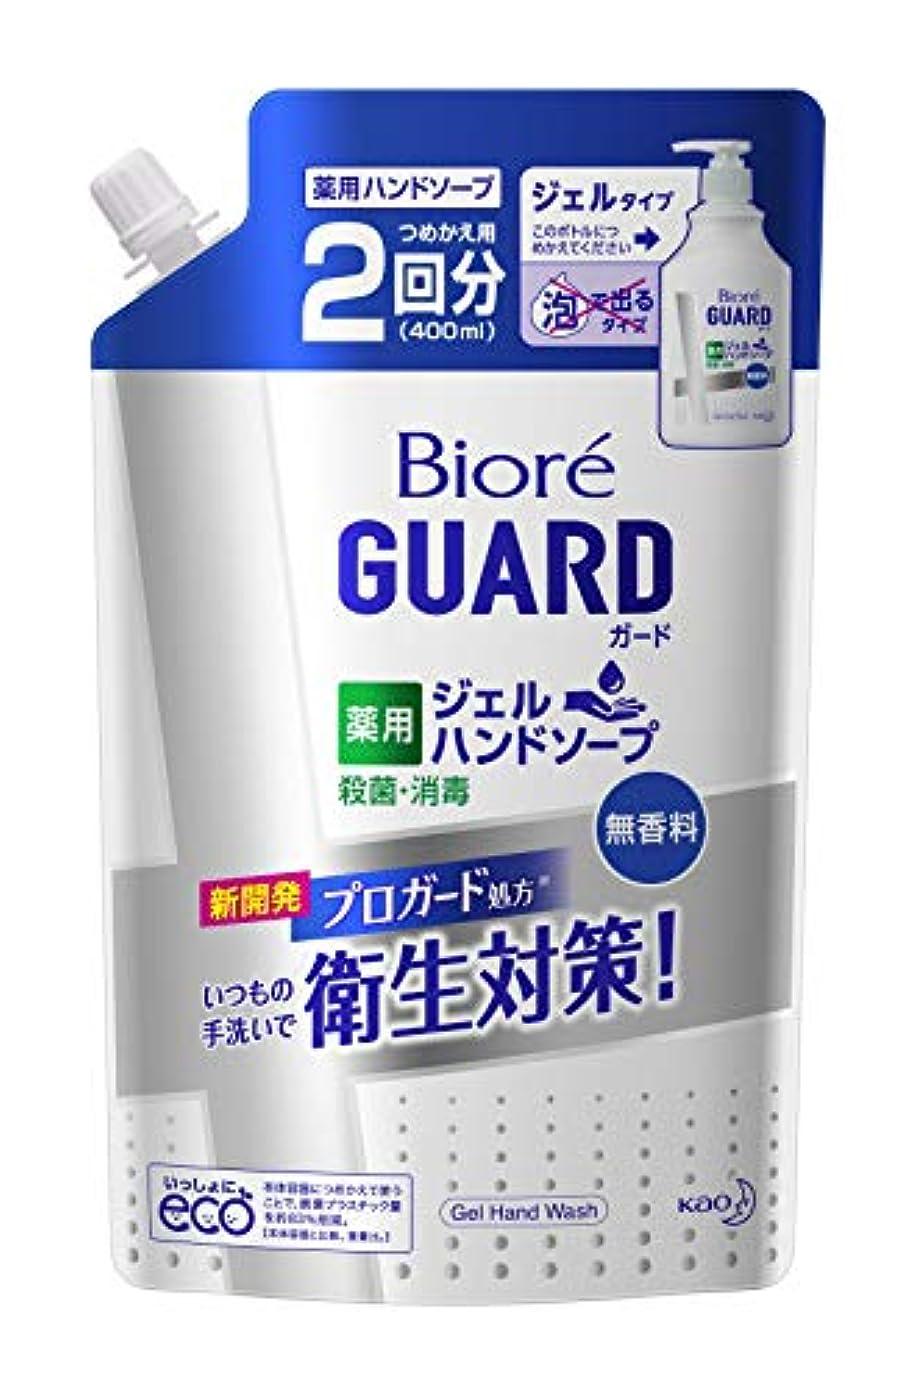 可能にする前投薬従事したビオレ GUARD ハンドジェルソープ つめかえ用 無香料 400ml